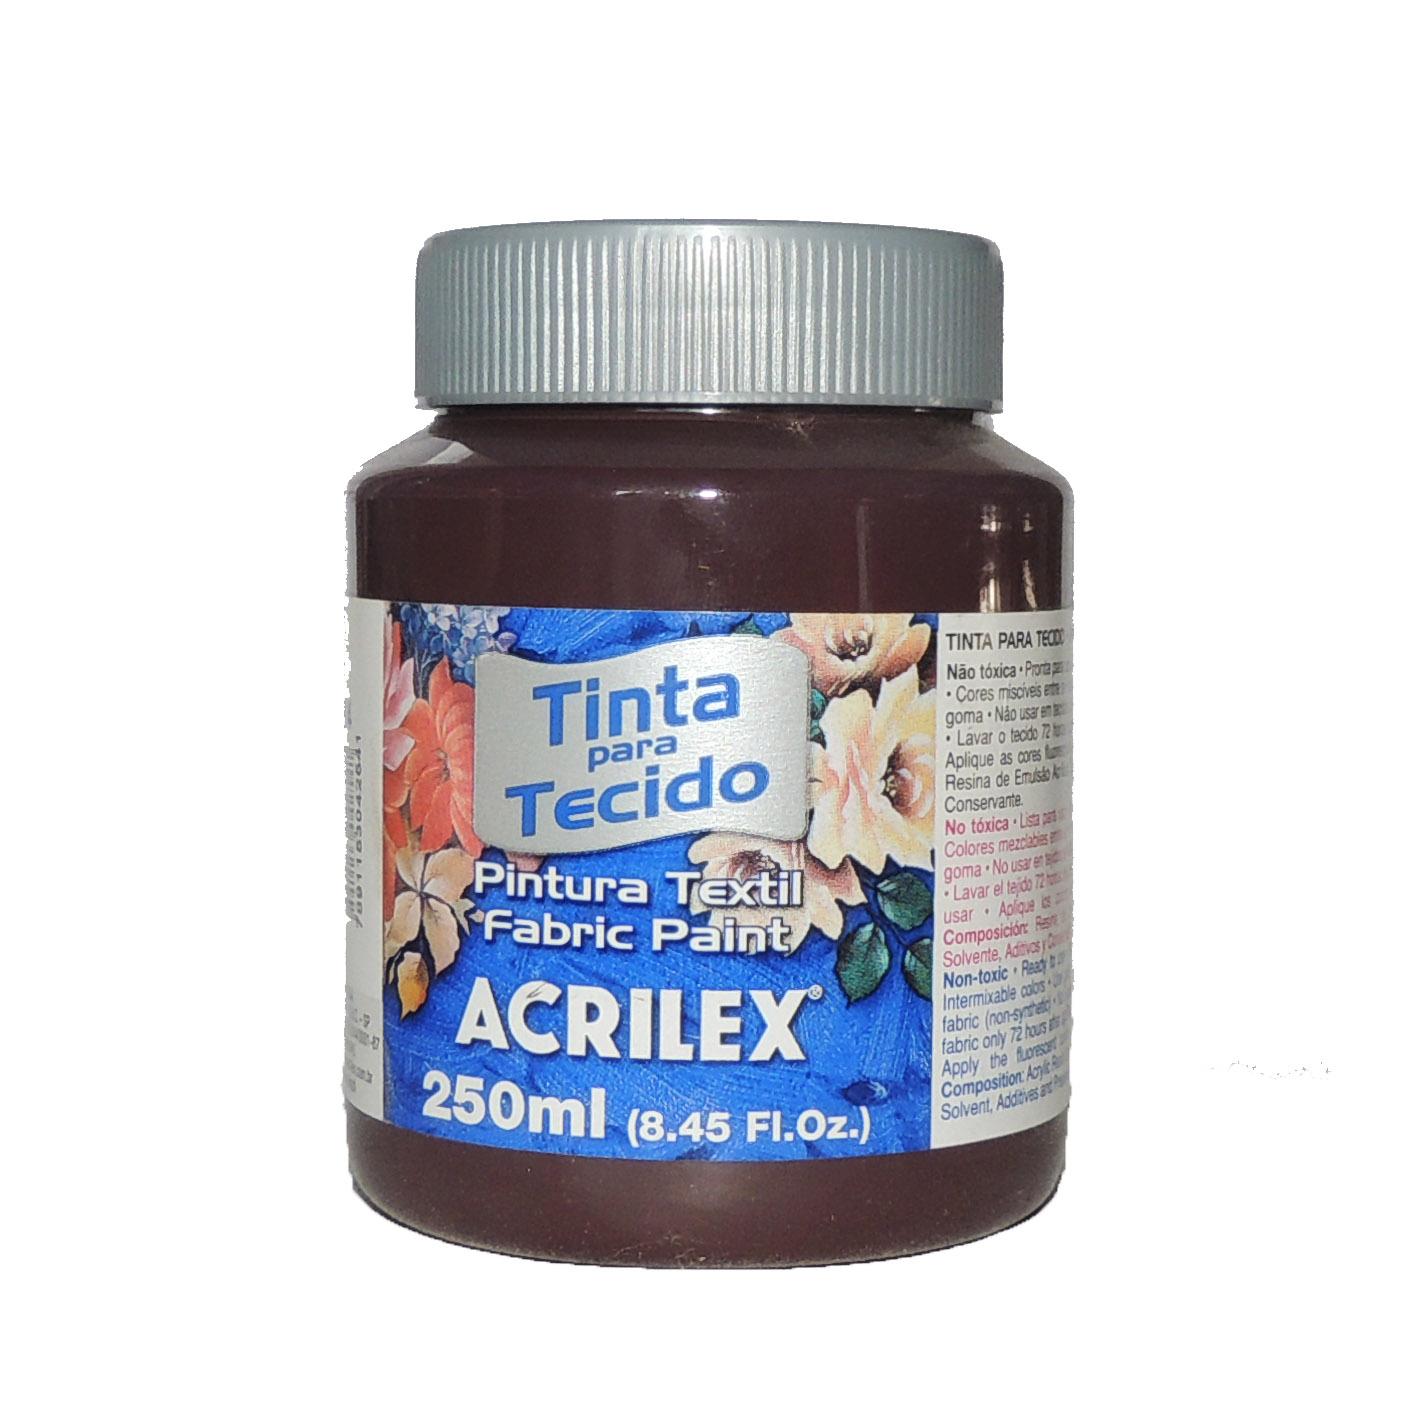 tinta-para-tecido-acrilex-250ml-514-terra-queimada